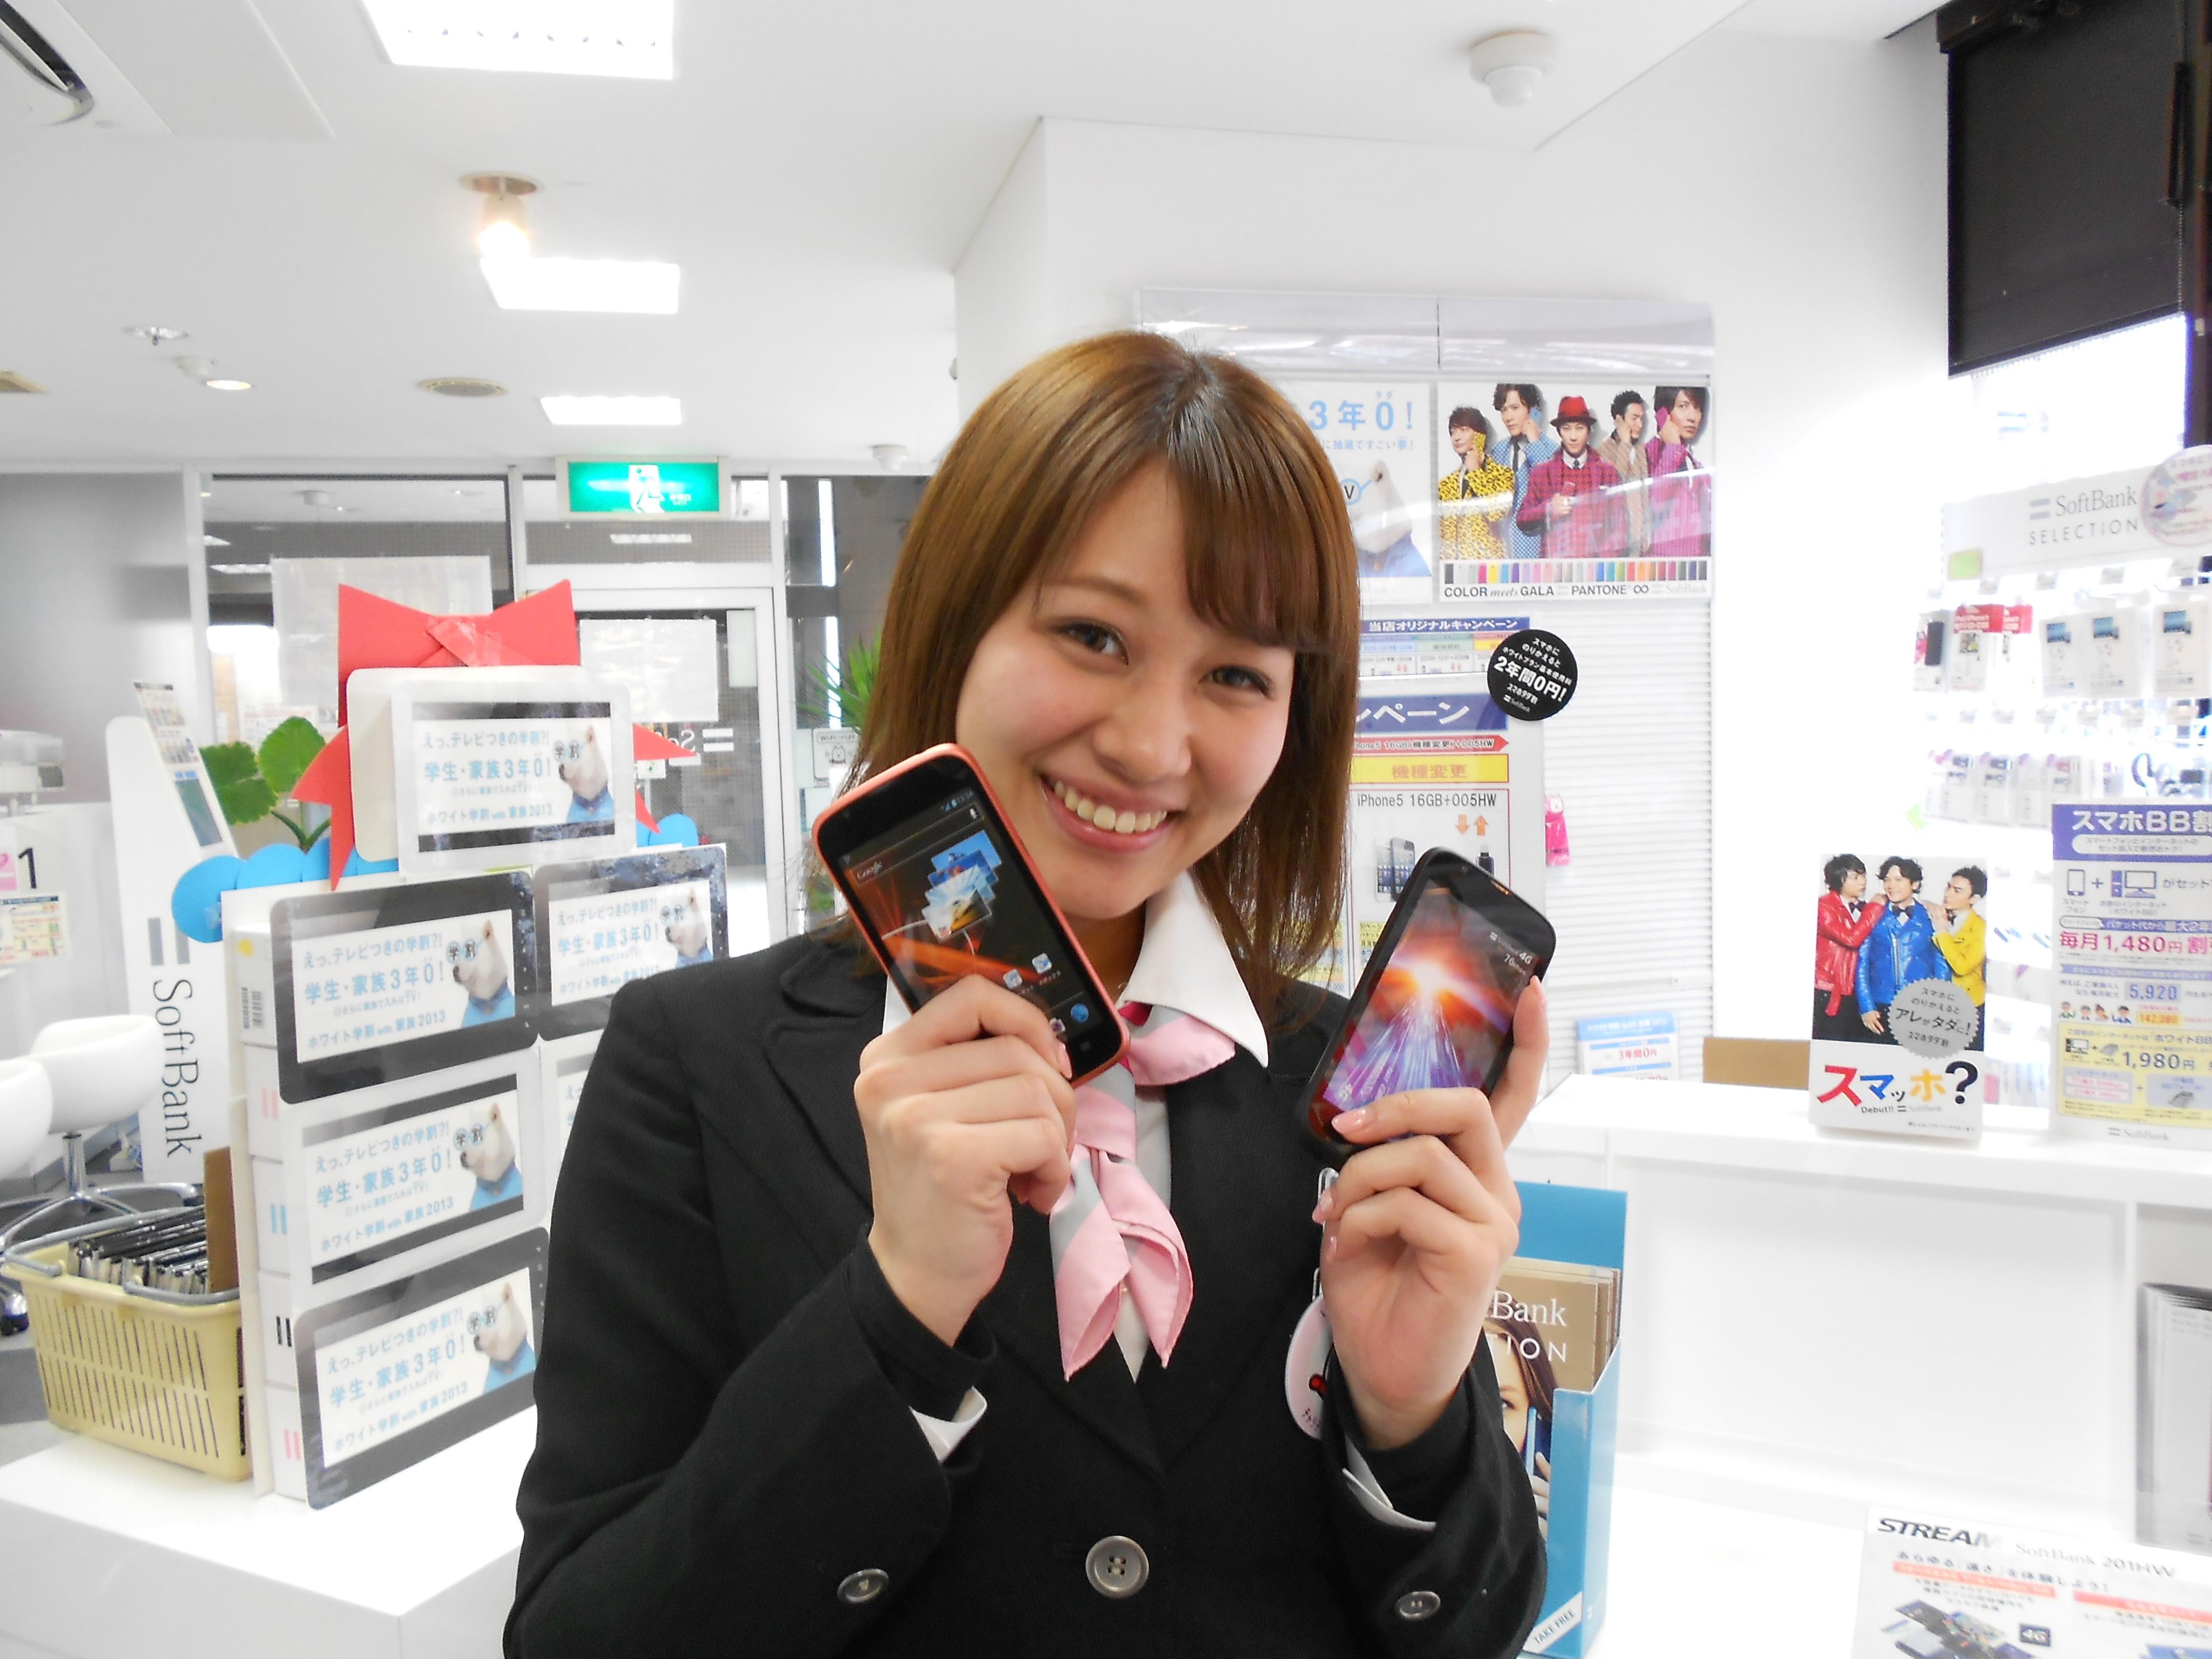 ソフトバンク 富士吉田(株式会社シエロ)のアルバイト情報